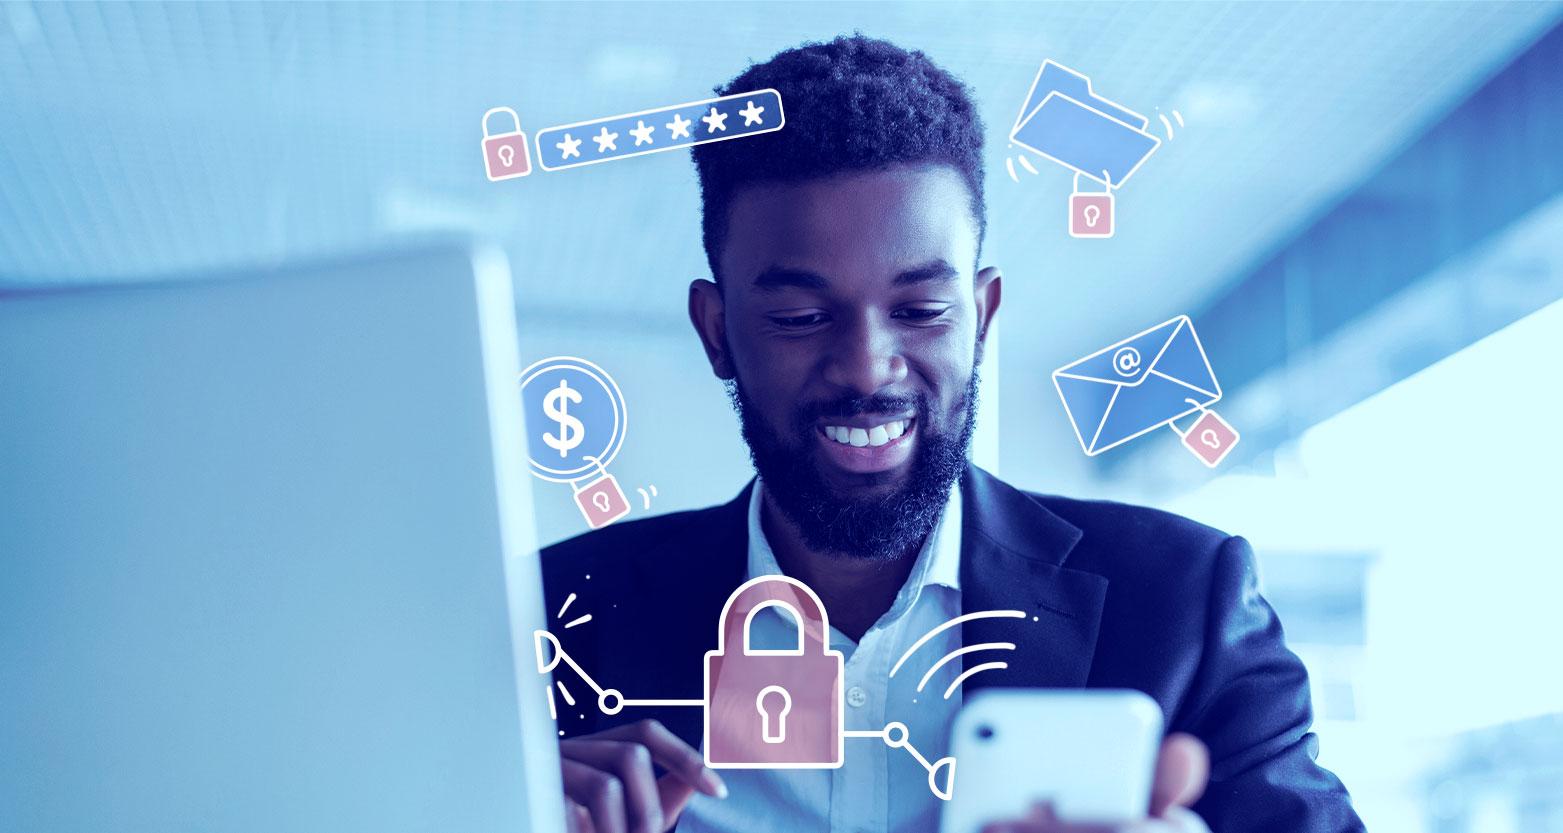 Segurança da Informação: 6 dicas para manter os seus dados bem protegidos